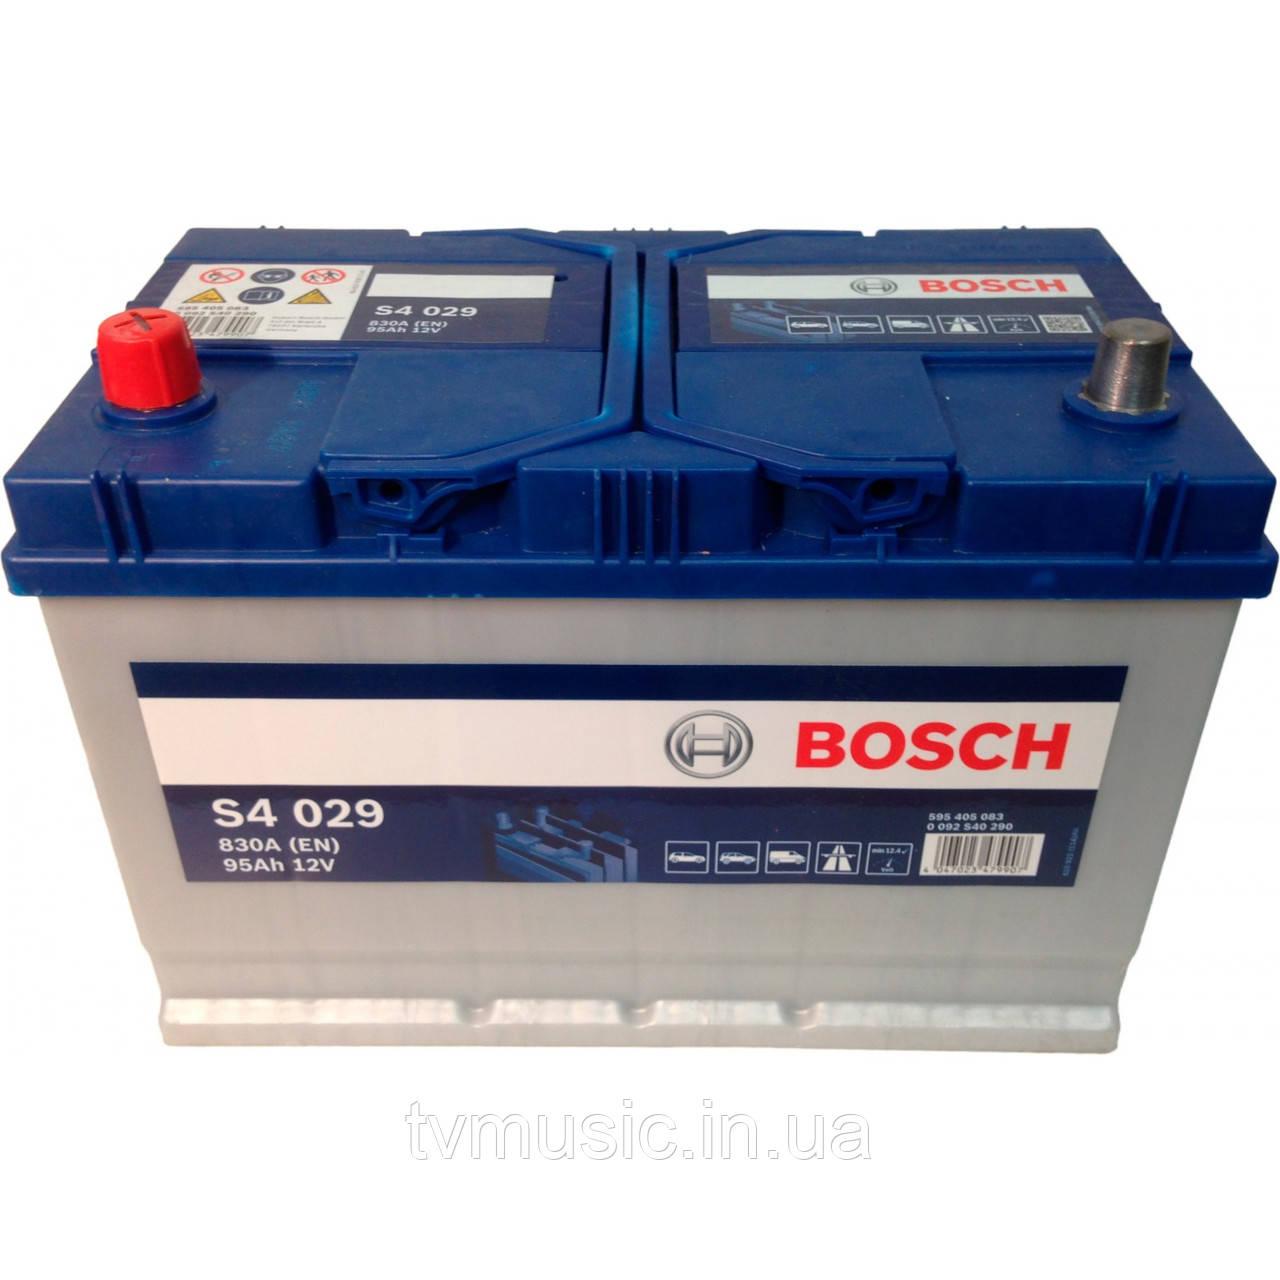 Аккумулятор Bosch S4 029 Silver 95Ah 12V Азия (0092S40290)